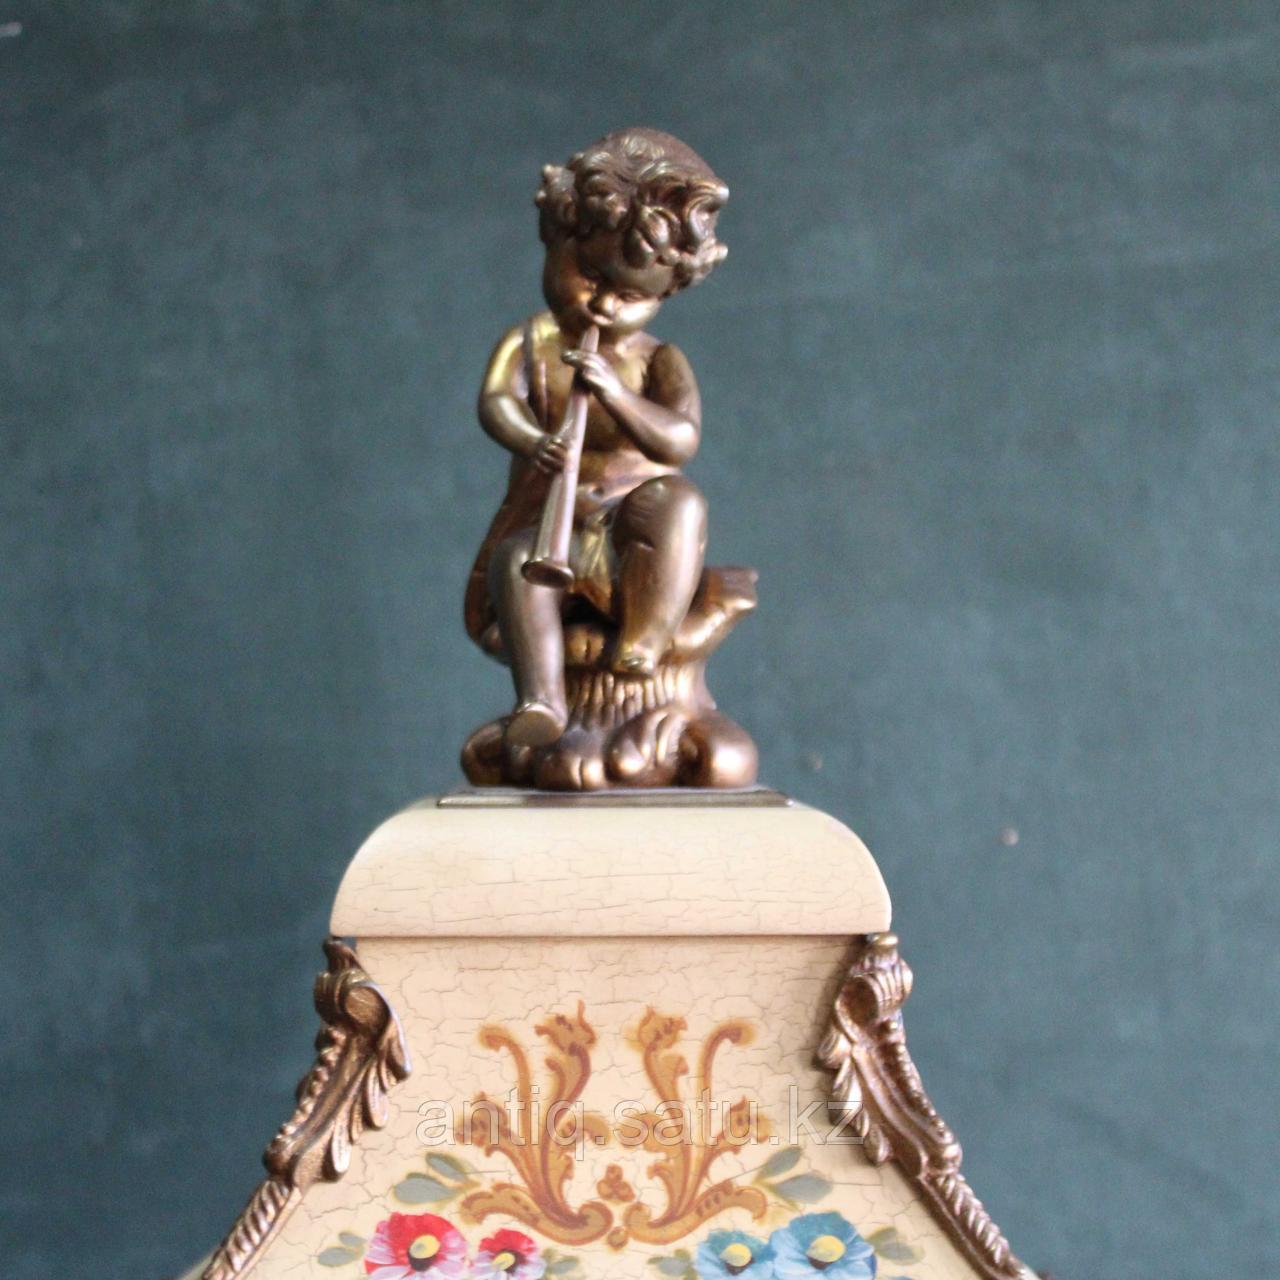 Итальянские часы в венецианском стиле - фото 2